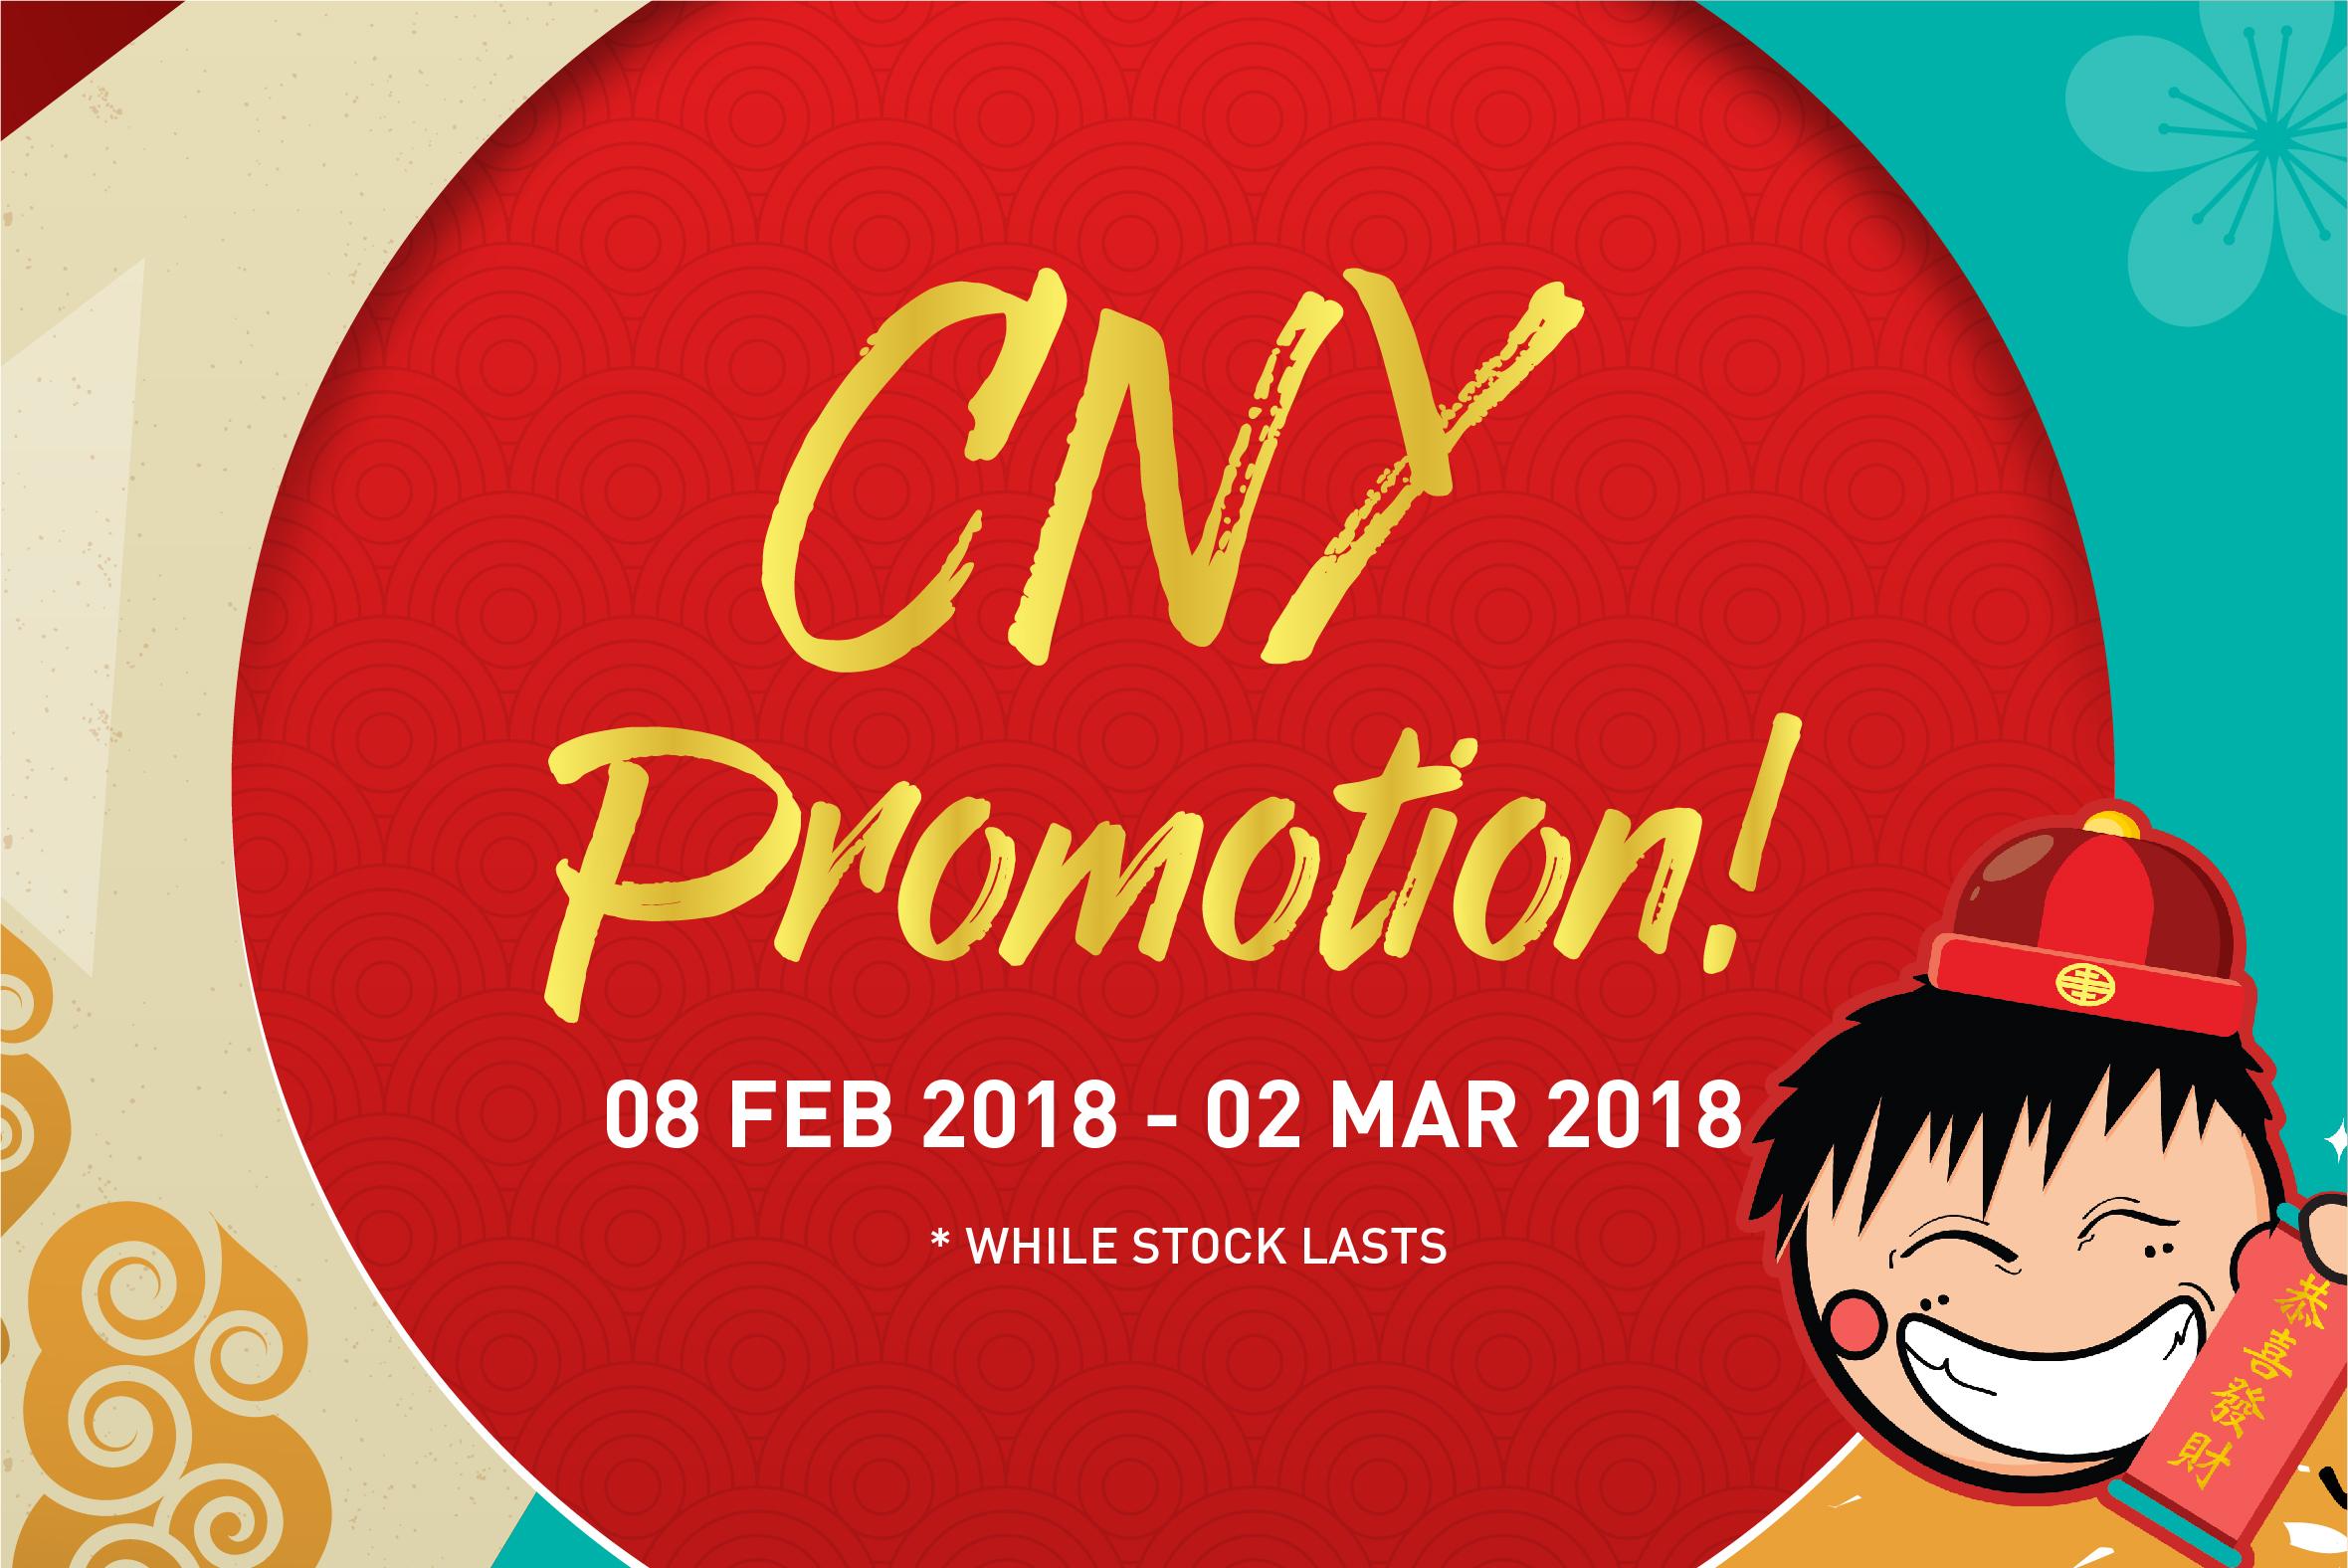 CNY Promotion 2018